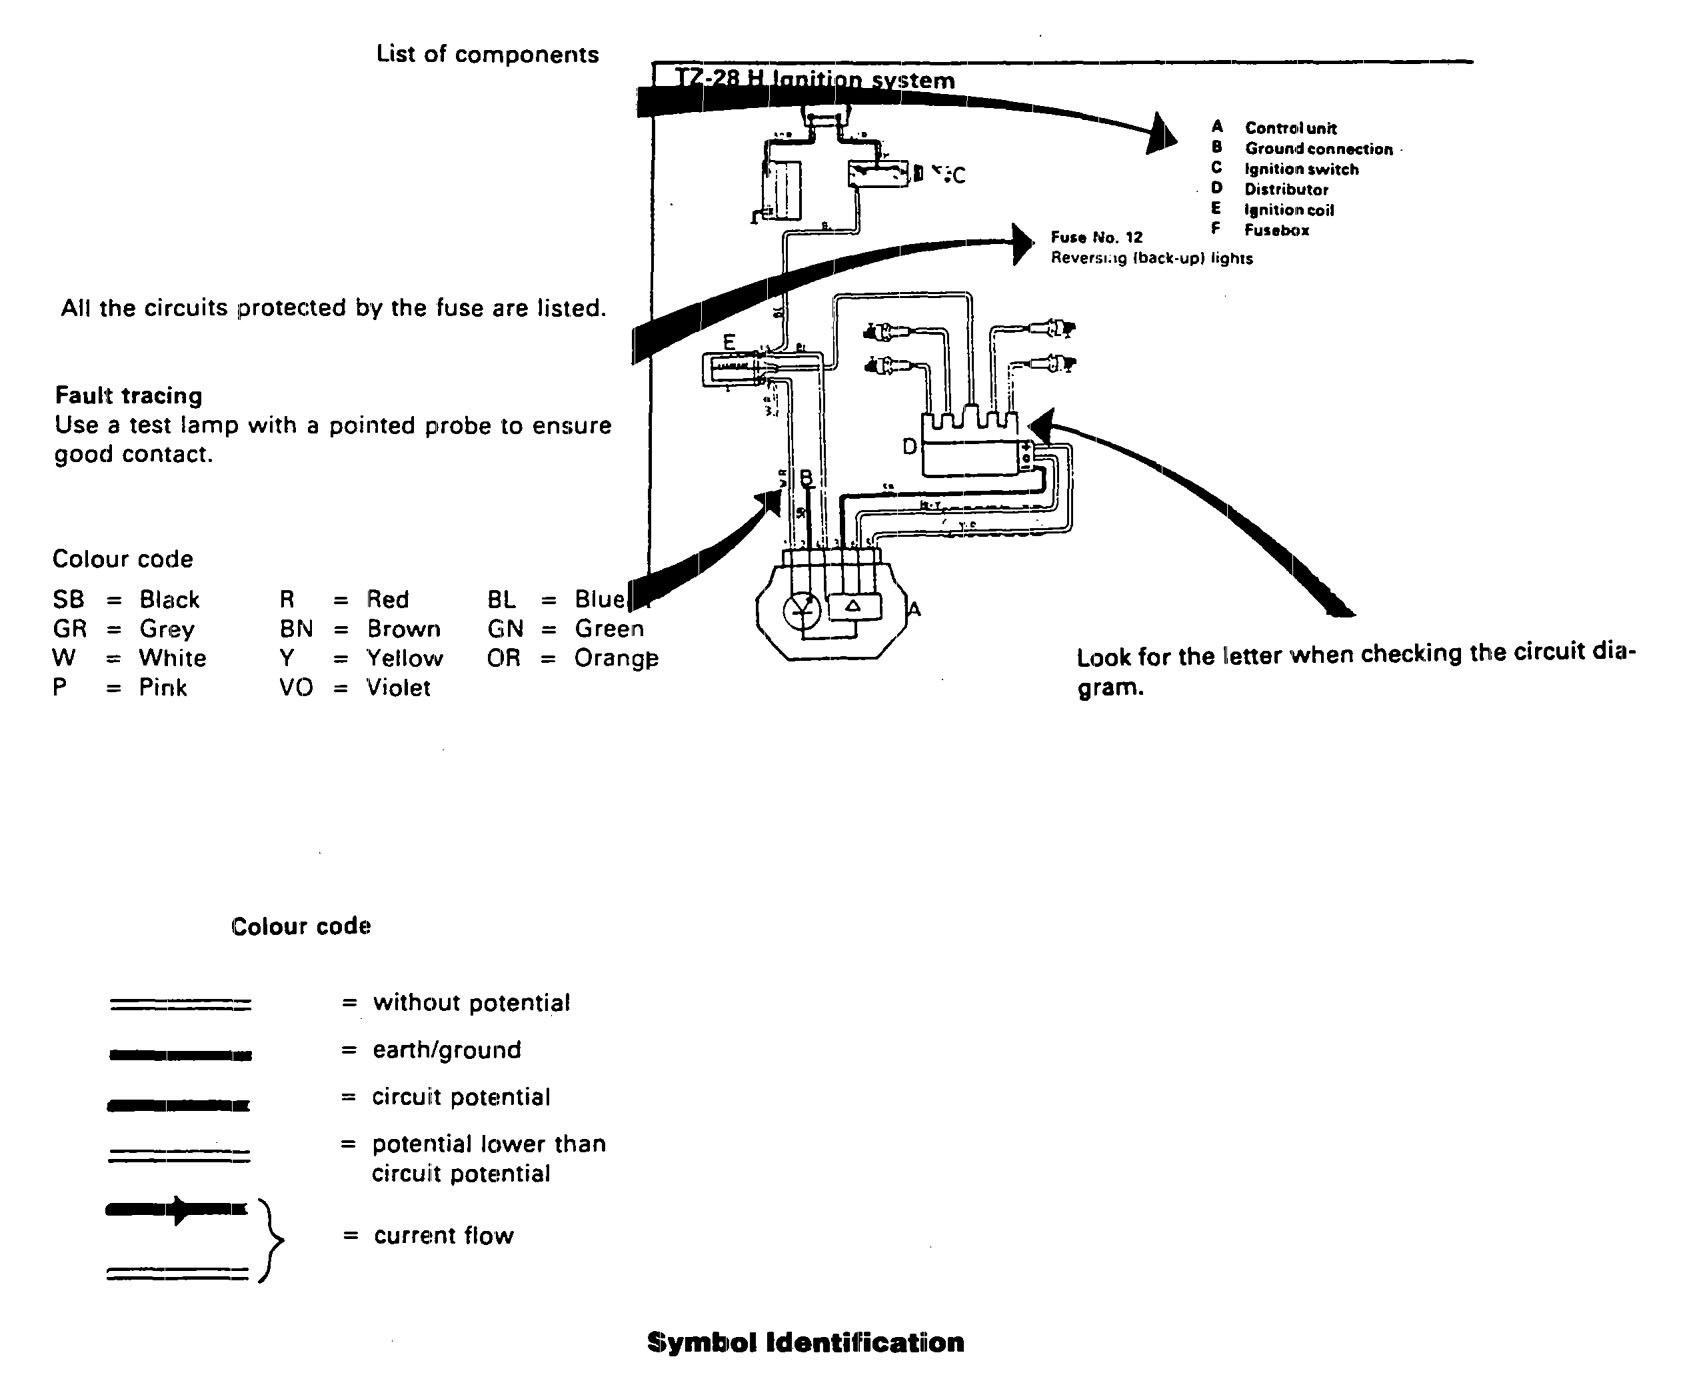 volvo wiring diagrams 740 prs diagram 5 way 1990 1991 symbol id